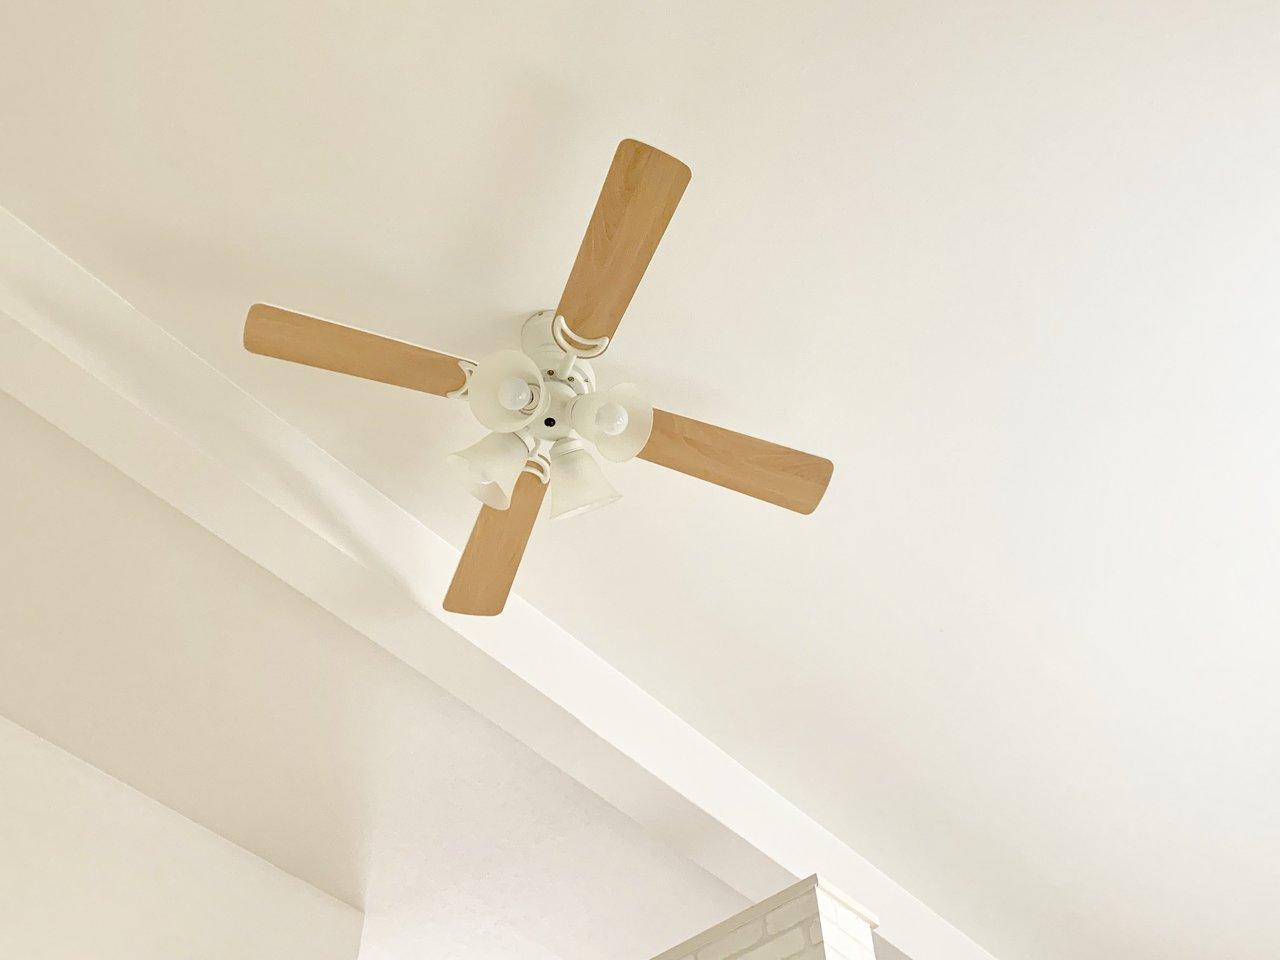 しかも、お部屋の天井にはおしゃれなシーリングファンも!「ロフトは夏場は暑い」というイメージを払拭してくれるような、そんな細部に心遣いのつまったお部屋です。